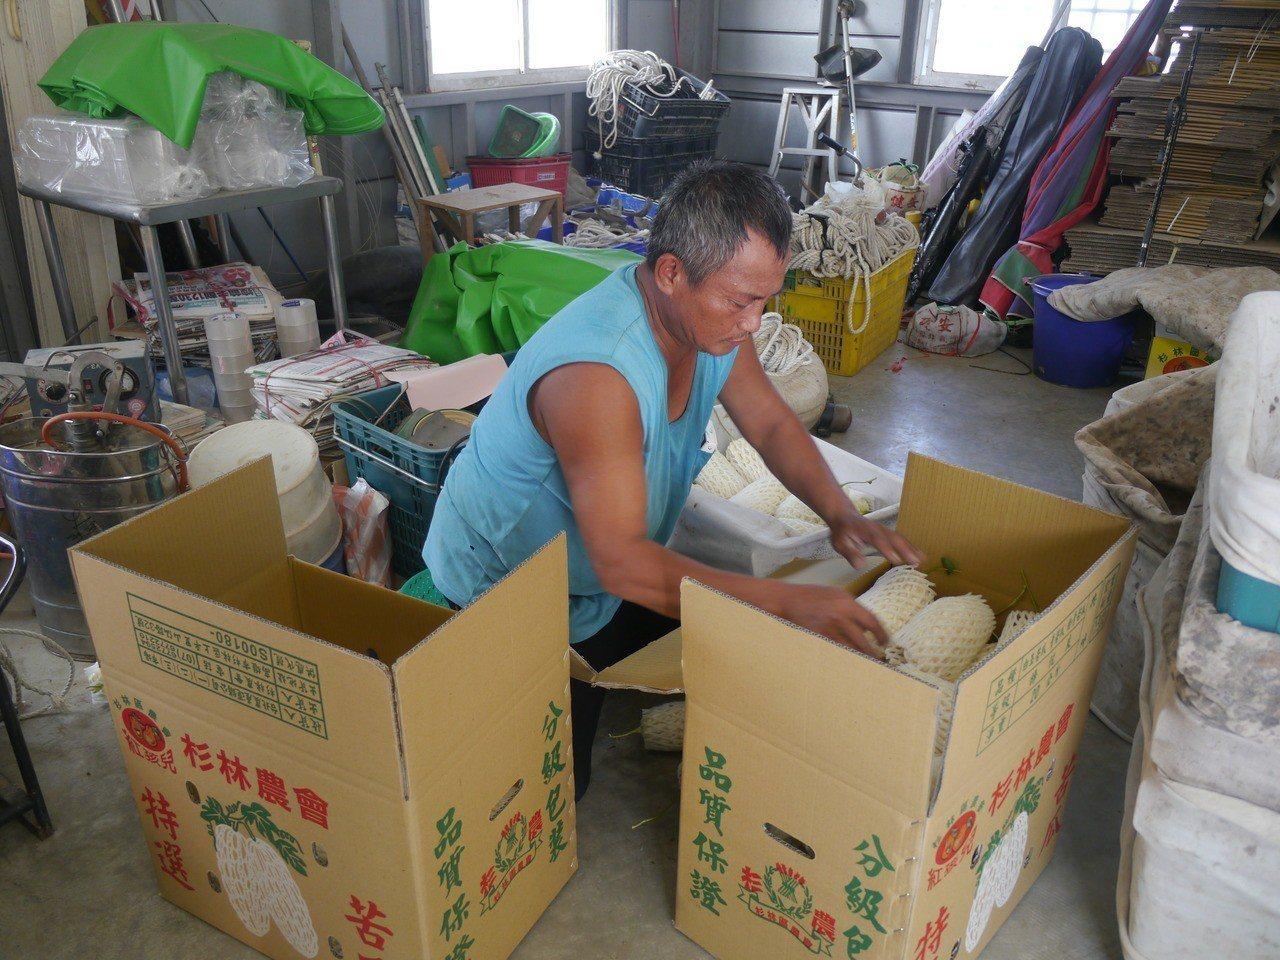 白玉苦瓜進入產季,農民忙著包裝銷往各地。記者徐白櫻/攝影